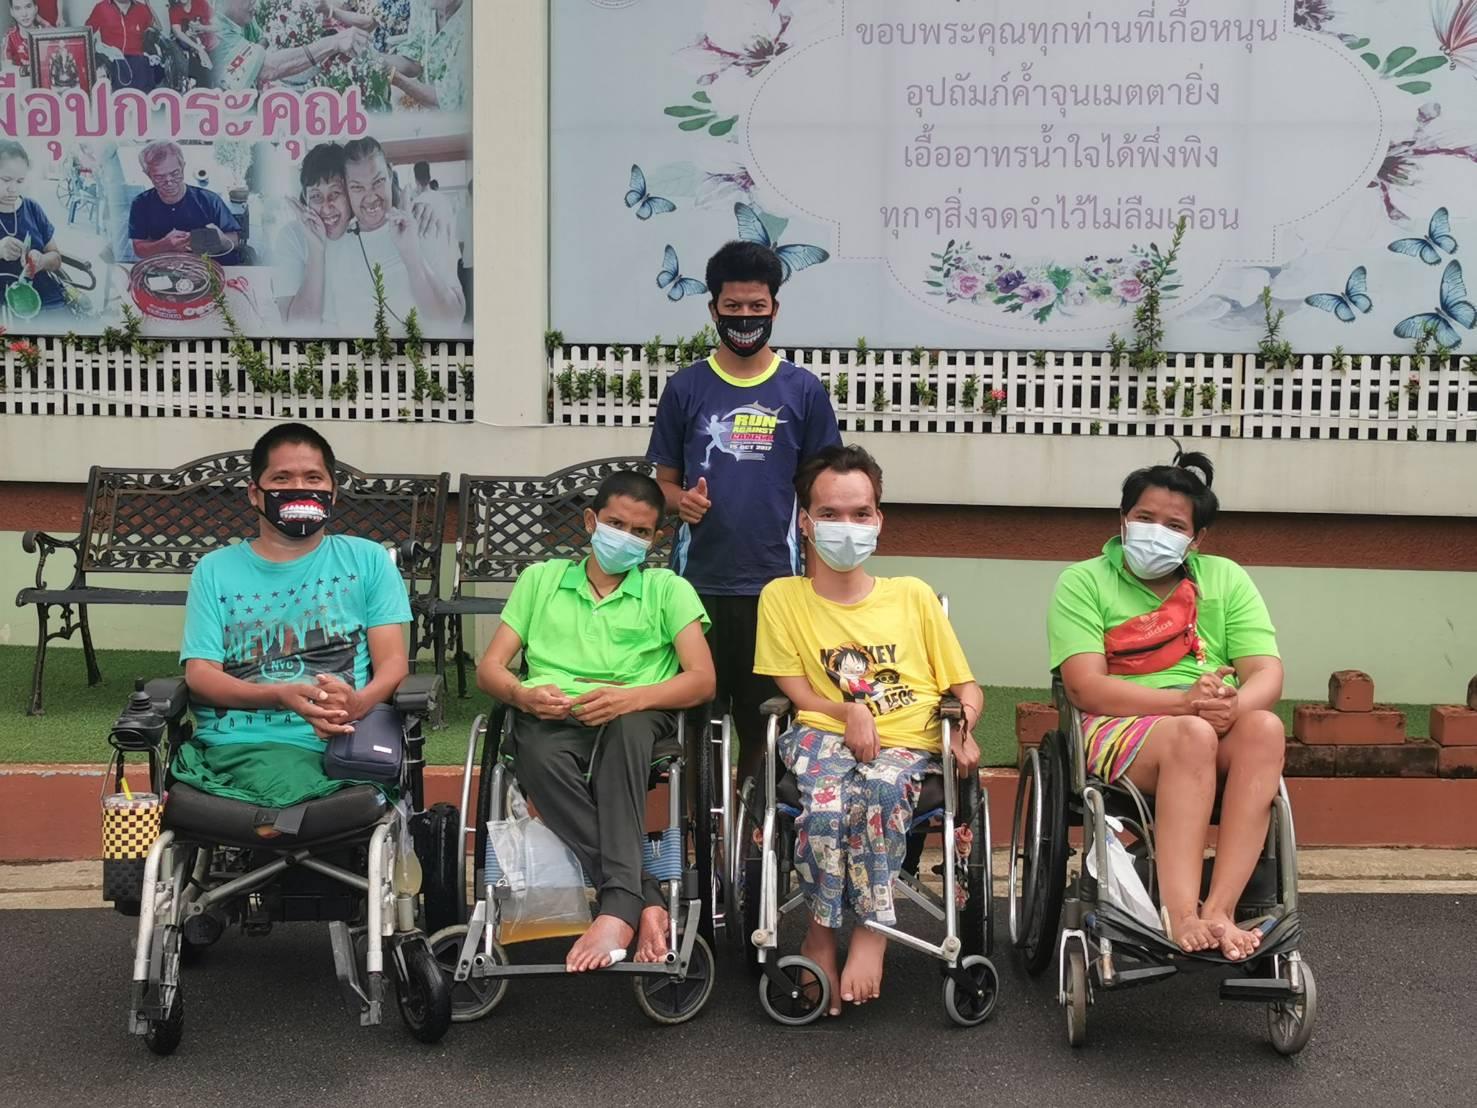 พก. ร่วมส่งคนพิการ ชิงชัย E-SPORT ในมหกรรมกีฬาคนพิการชิงแชมป์ประเทศไทย ประจำปี 2564